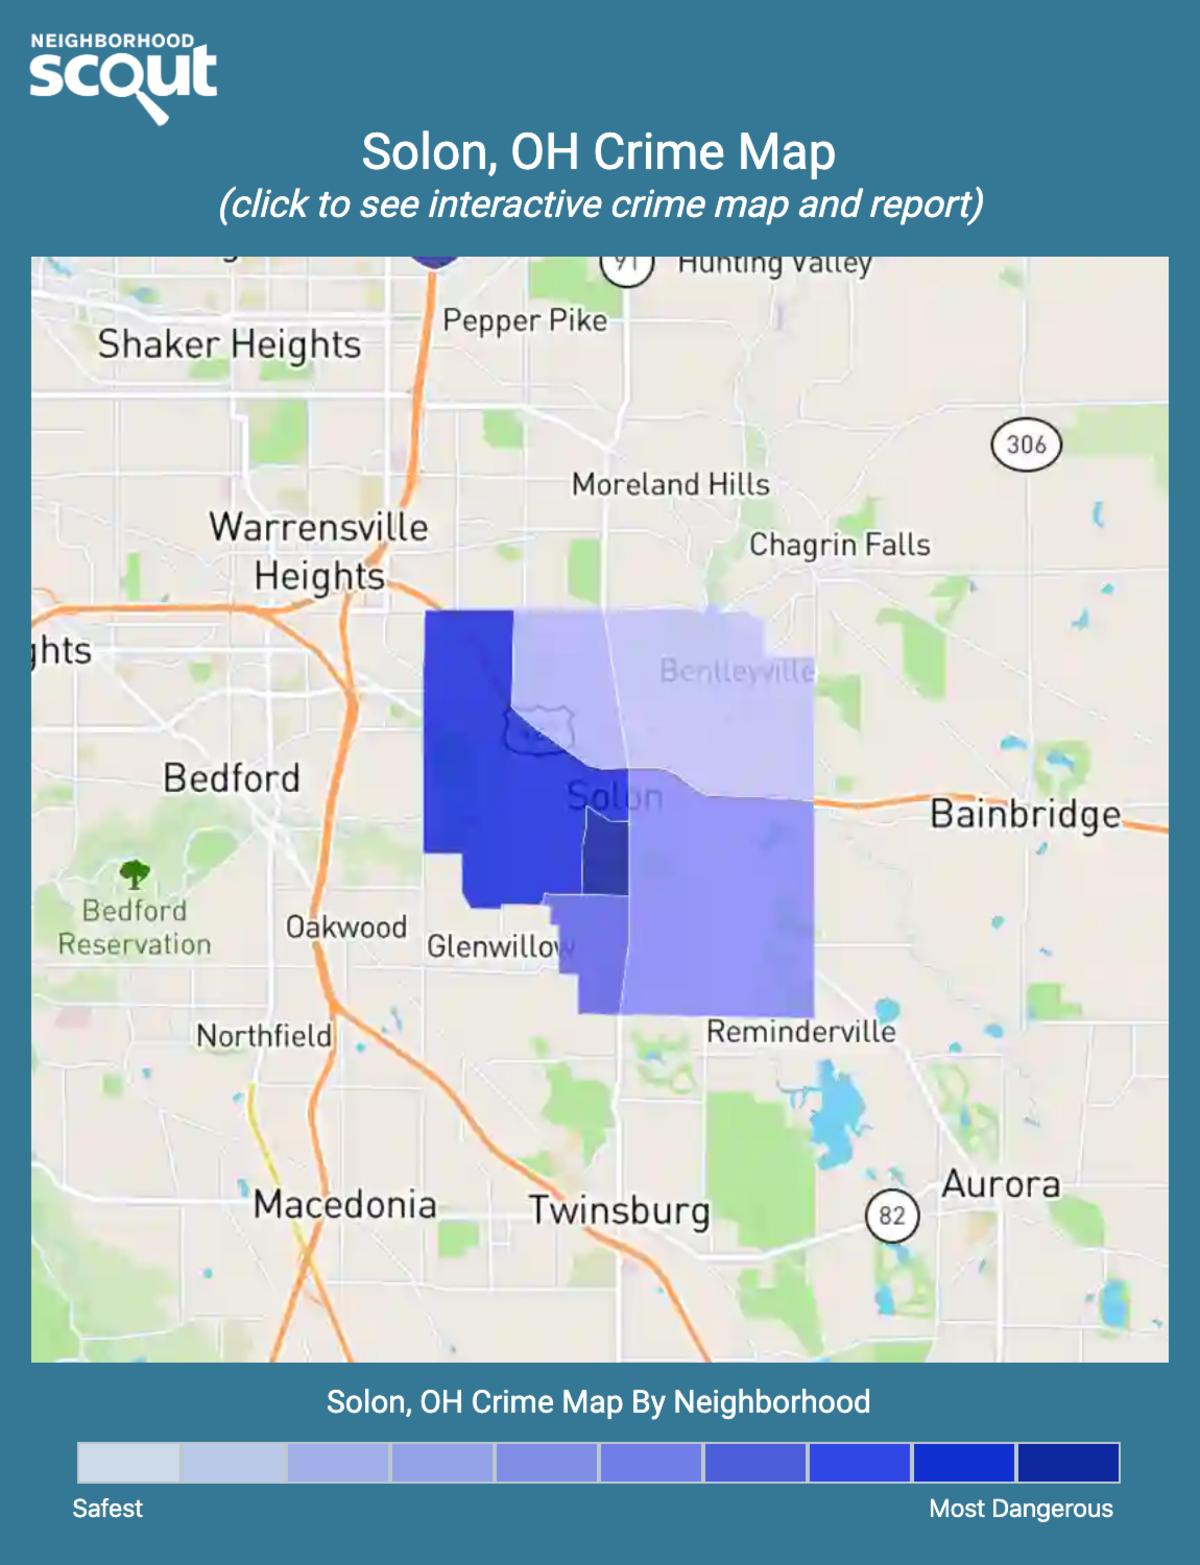 Solon, Ohio crime map